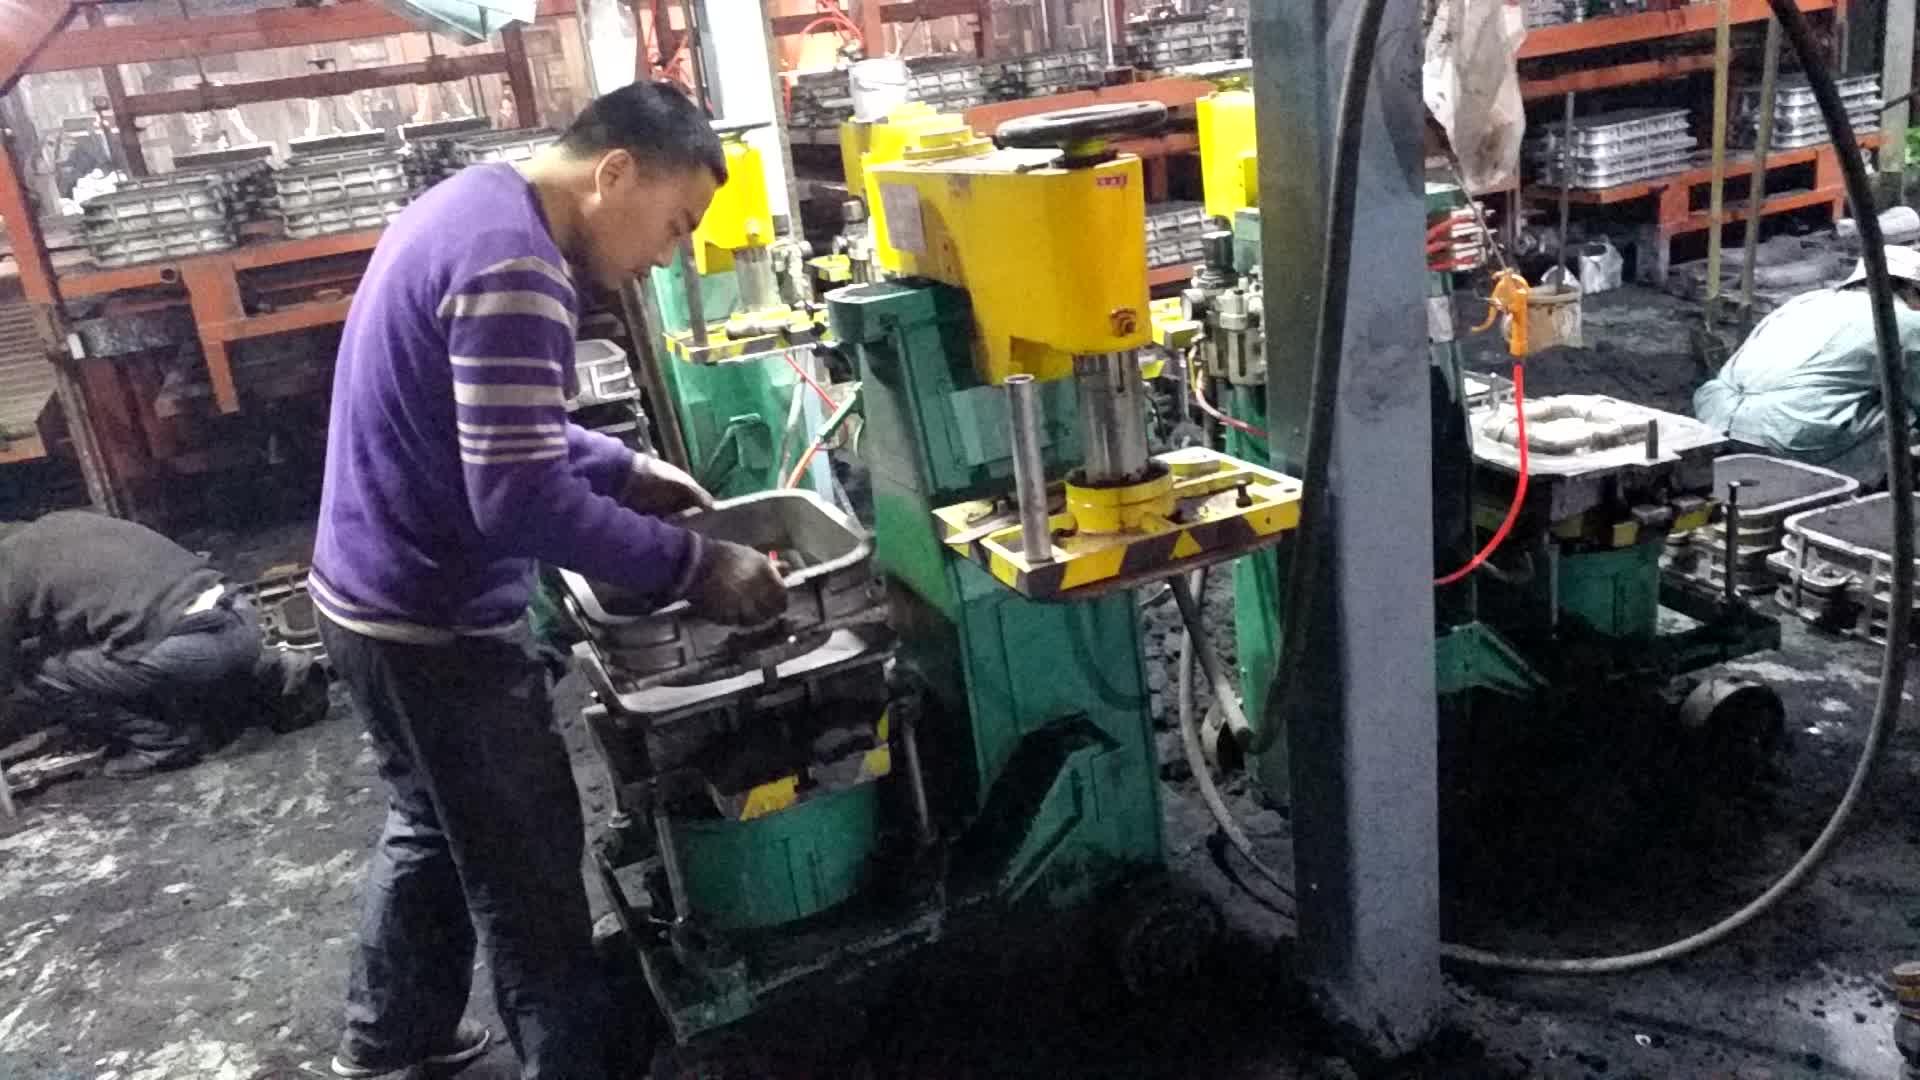 Yüksek basınçlı yeşil kum jolt sıkma kalıplama makinesi/paslanmaz çelik kalıp makinesi/dökme demir kalıplama makinesi